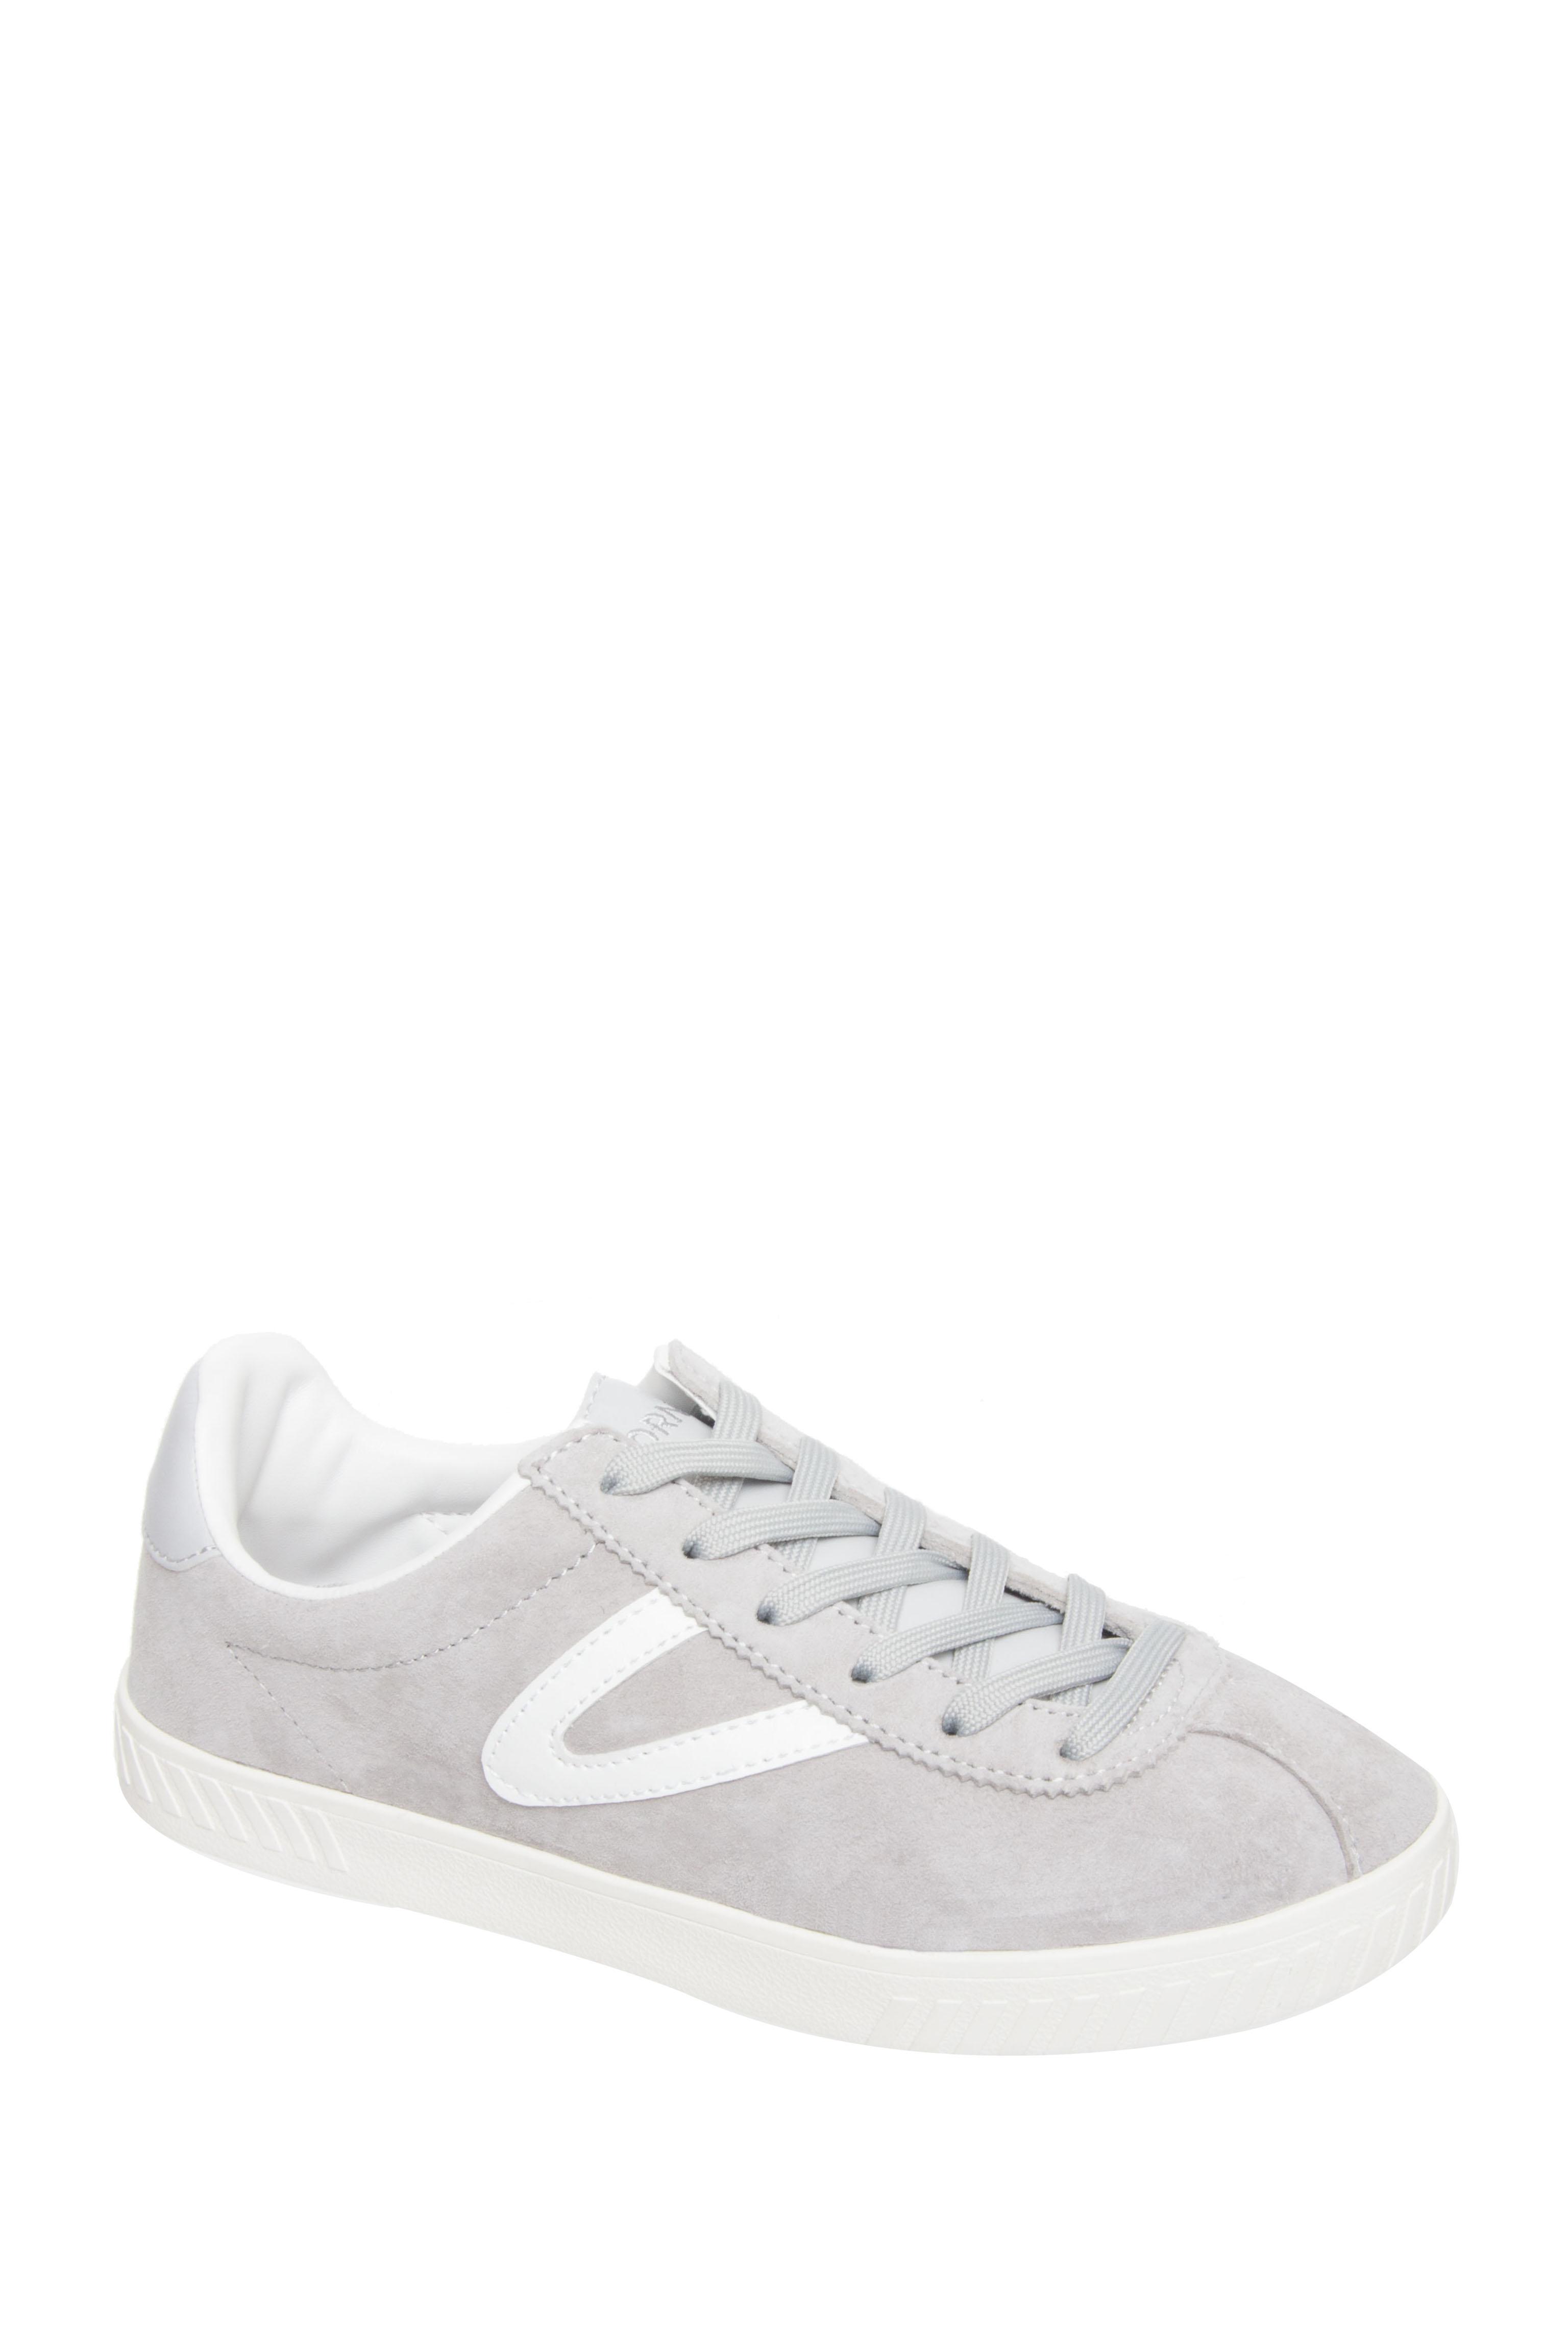 Tretorn Camden 3 Low Top Sneakers - Light Grey